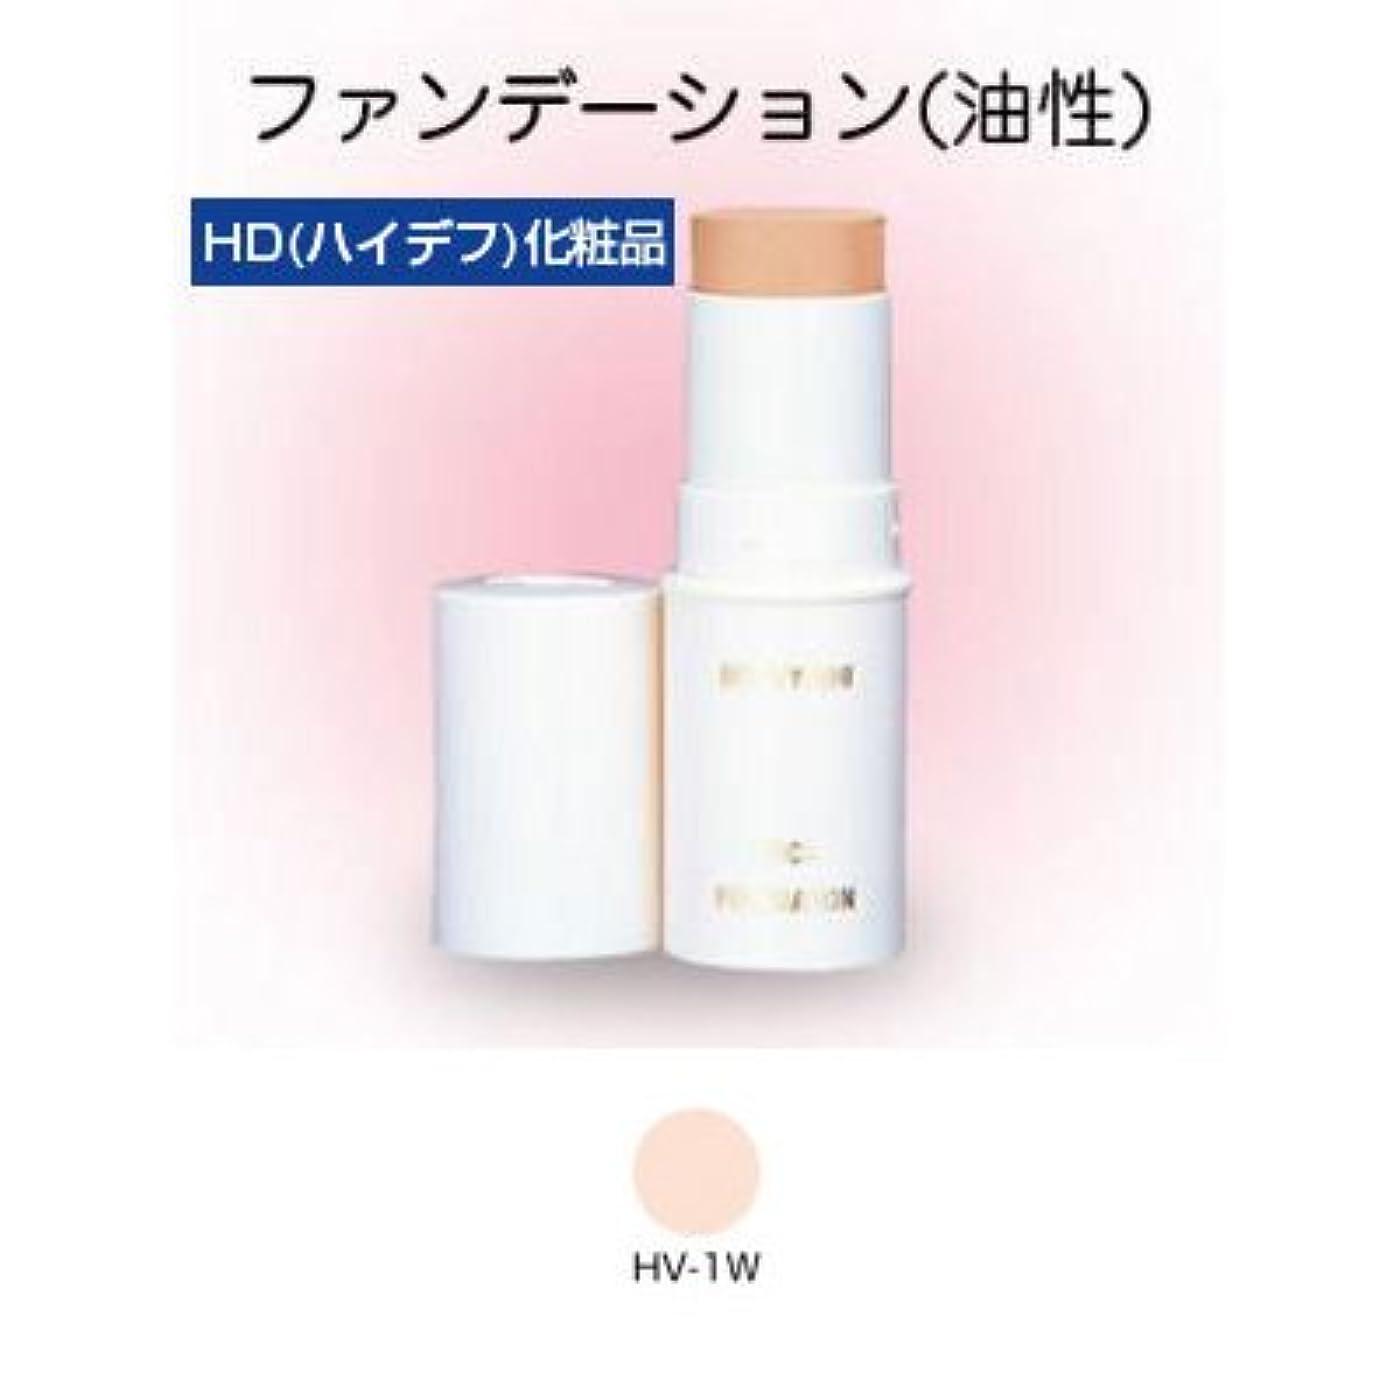 ランドリー顔料怠なスティックファンデーション HD化粧品 17g 1W 【三善】